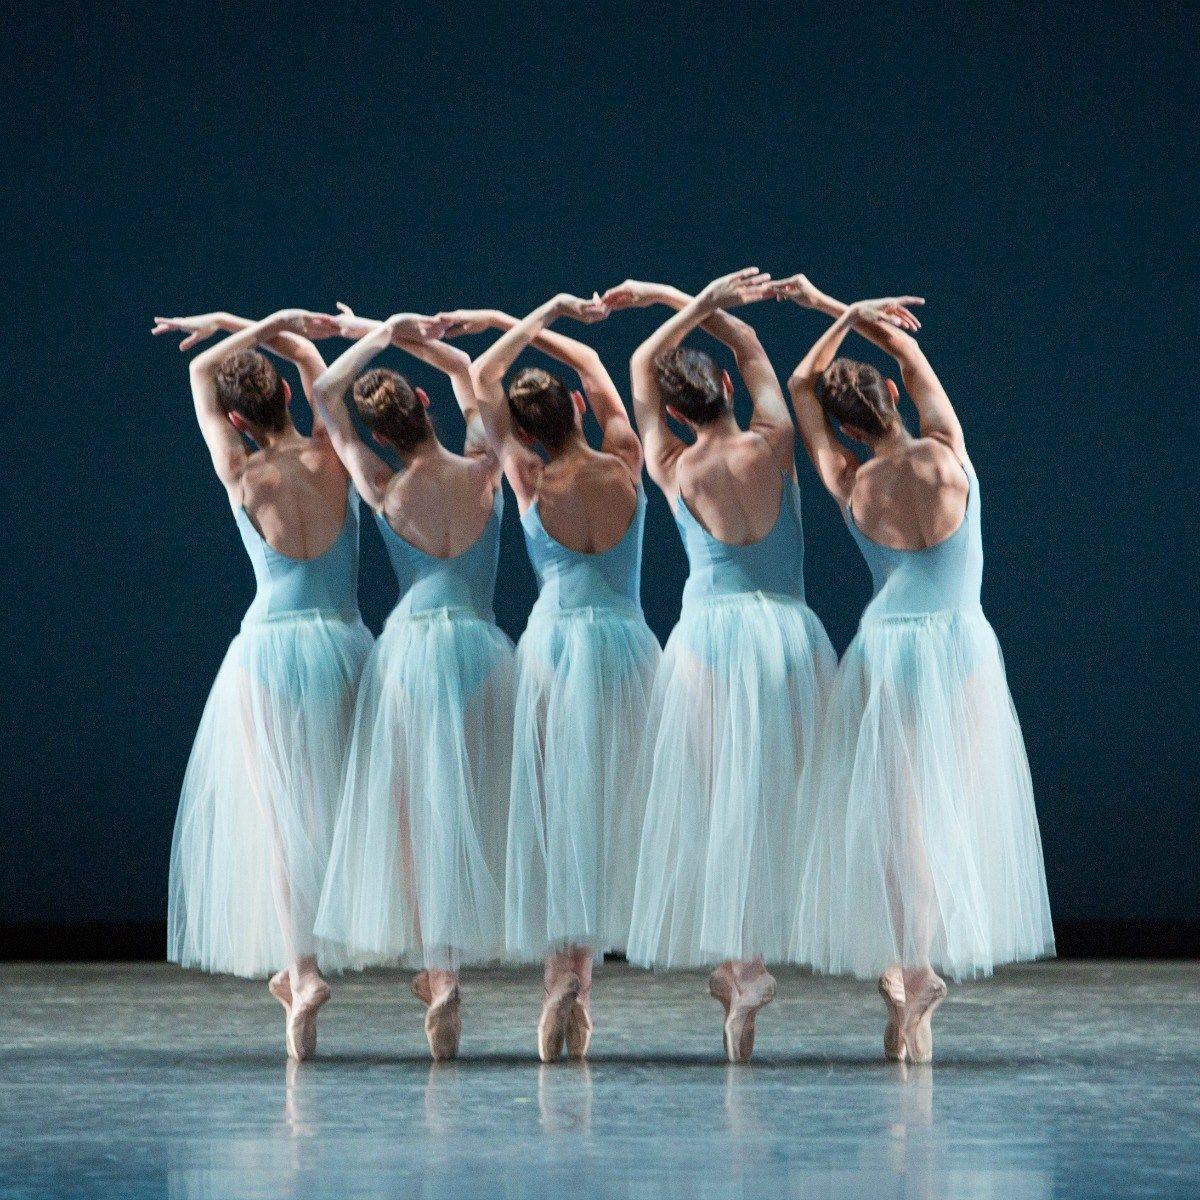 проработкой фото балет как искусство открытки годик девочке